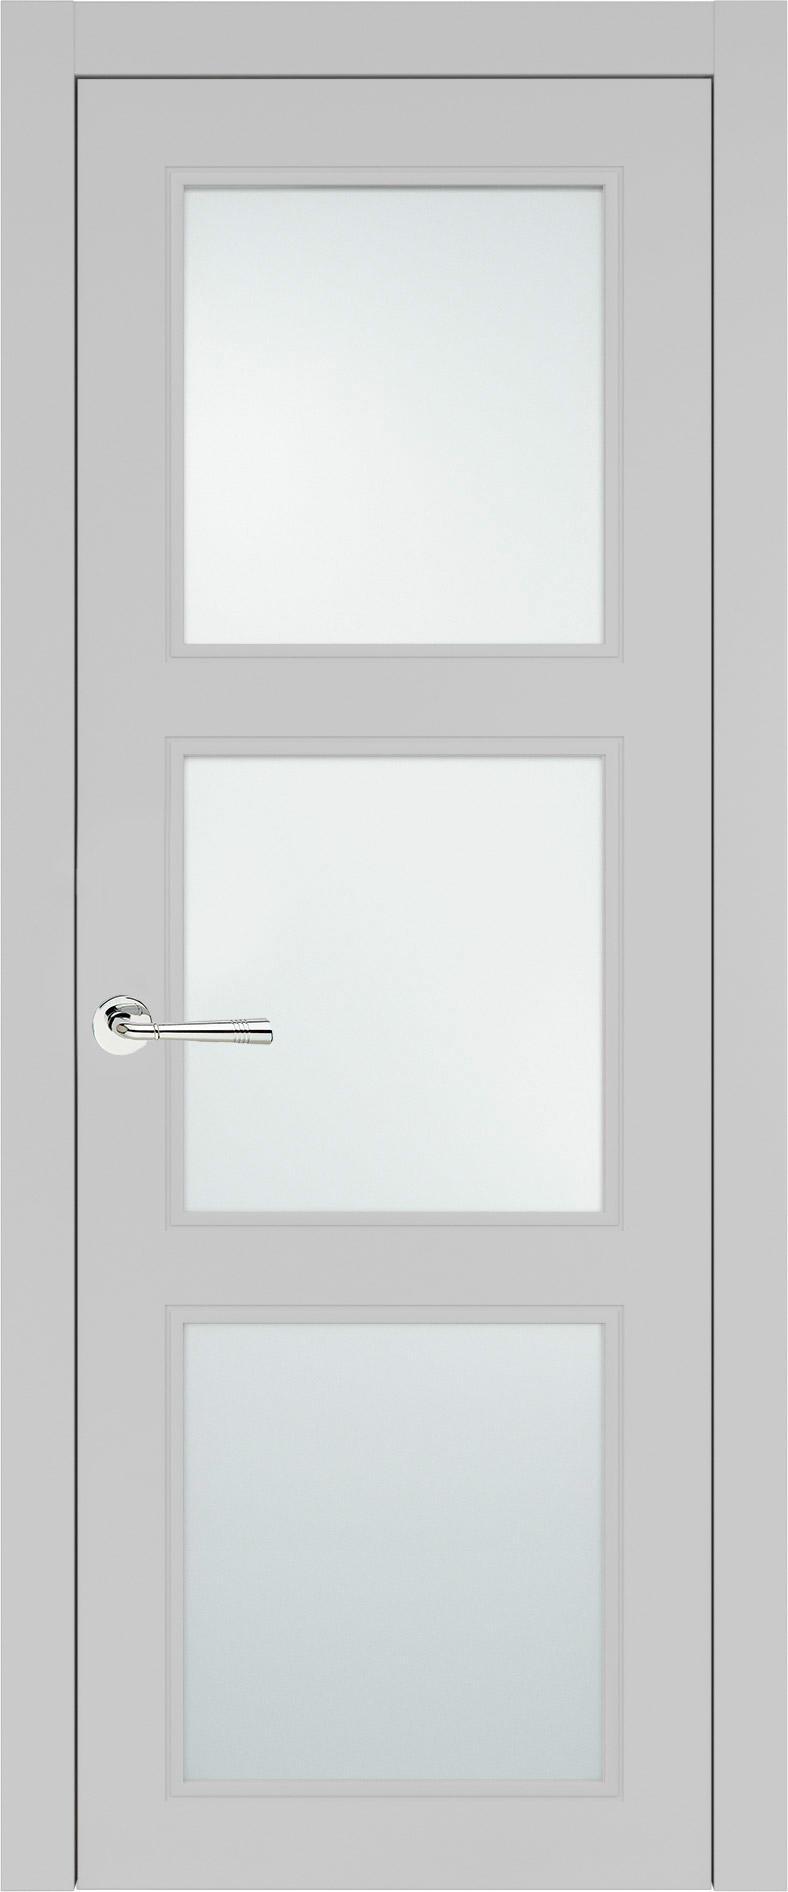 Milano Neo Classic цвет - Серая эмаль (RAL 7047) Со стеклом (ДО)